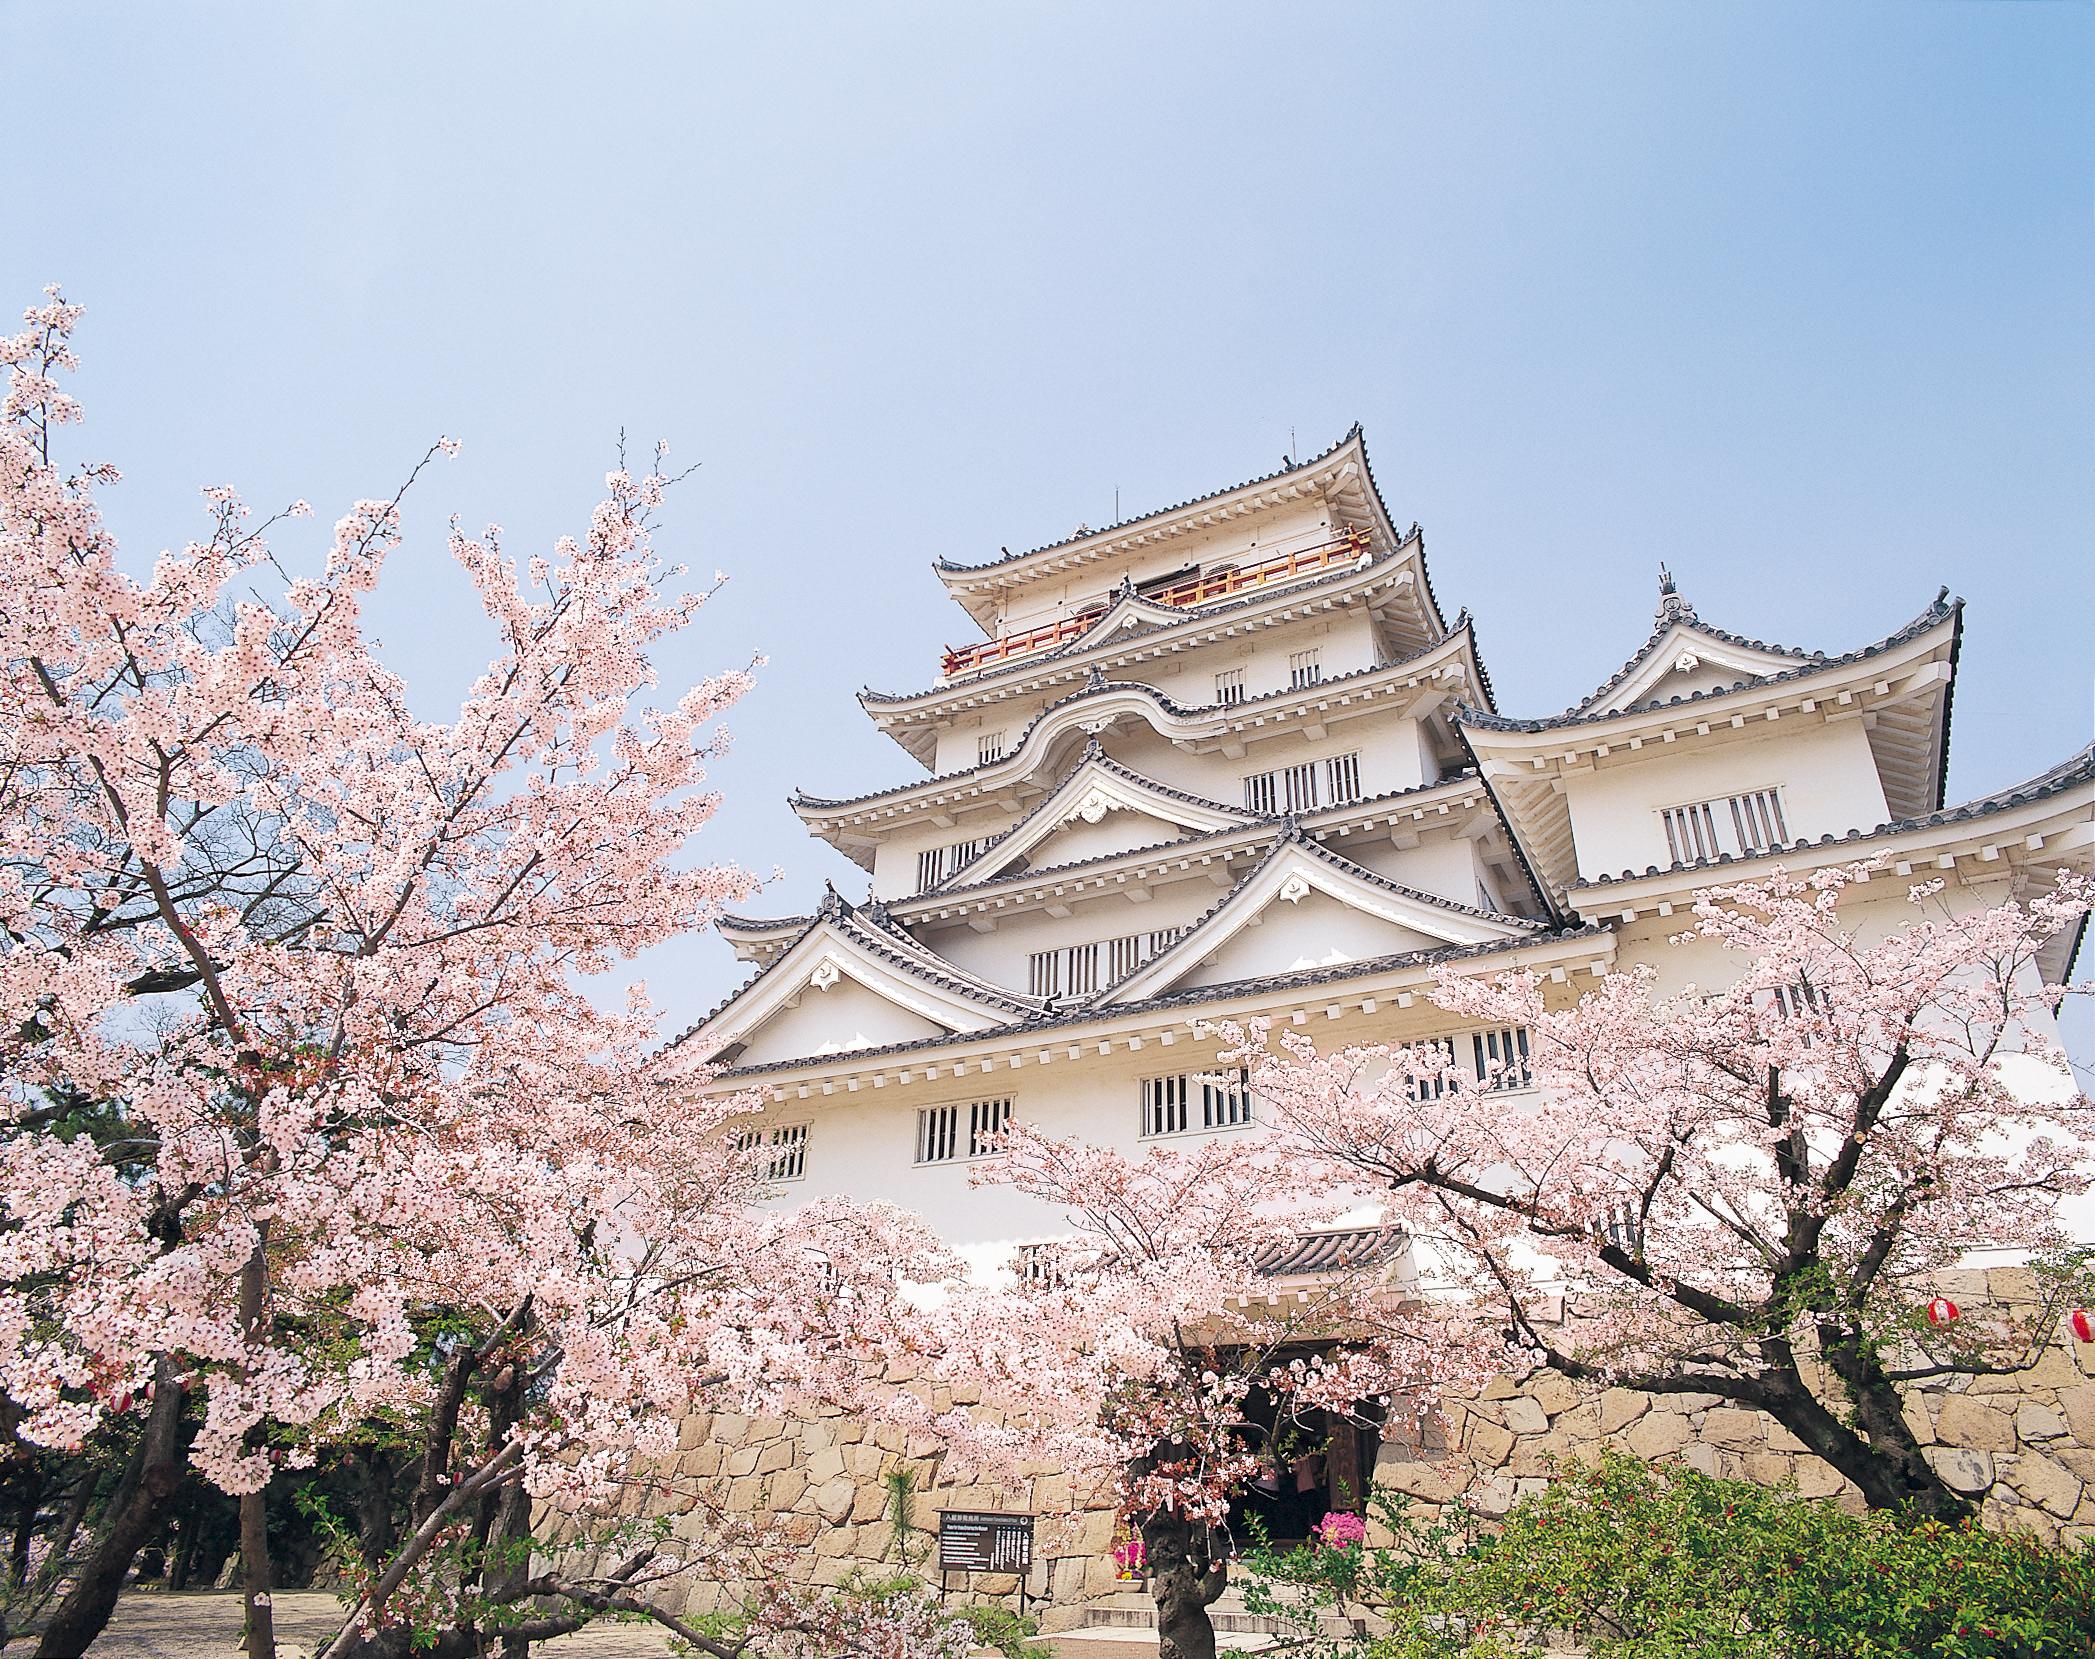 福山市の絶対楽しい観光スポットを紹介!福山の定番名所といえば?